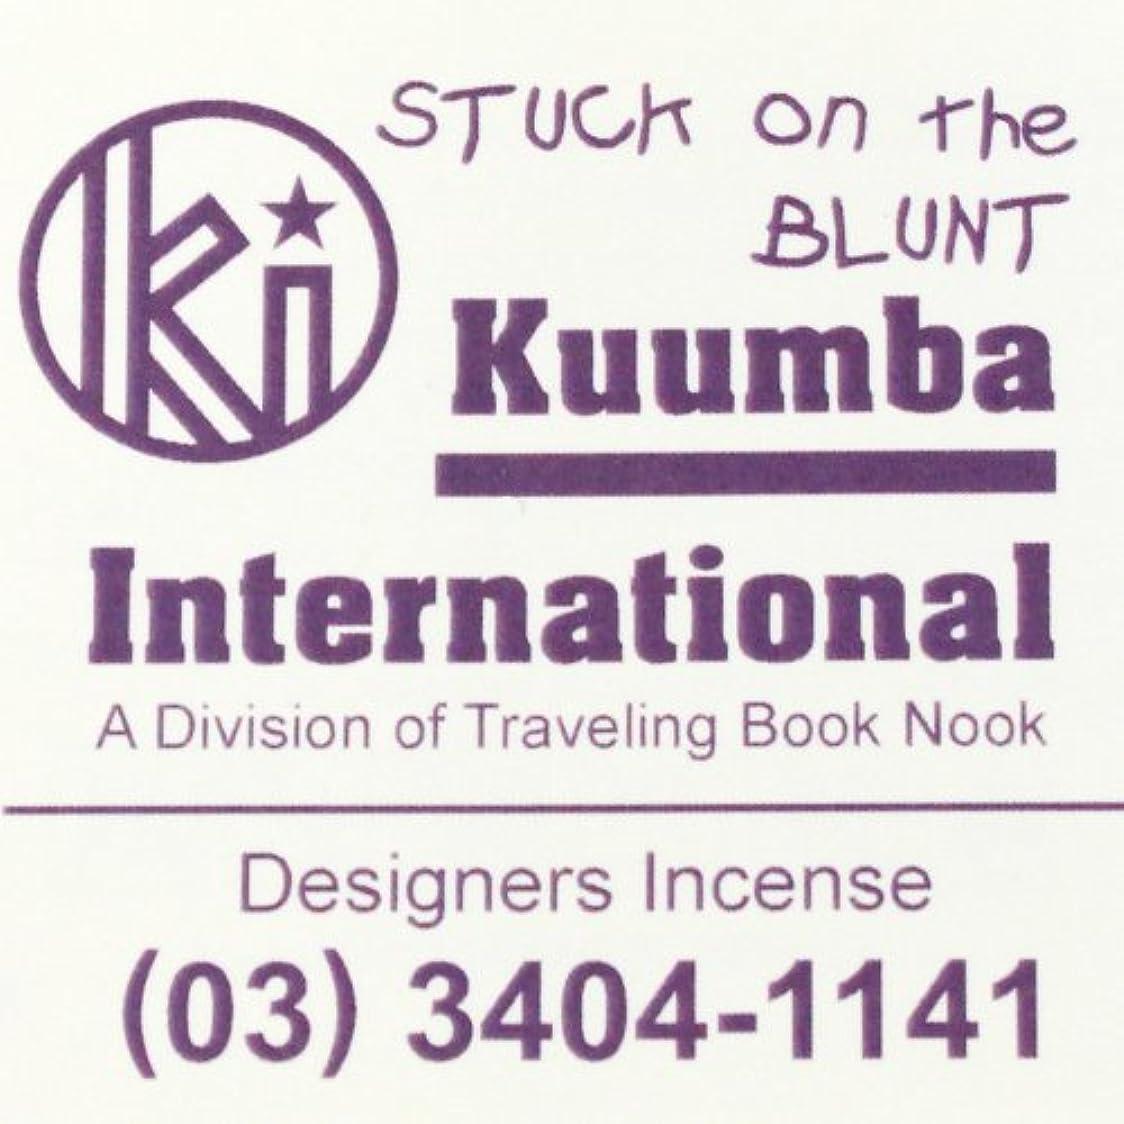 素晴らしさ出発植物学(クンバ) KUUMBA『incense』(STUCK on the BLUNT) (Regular size)